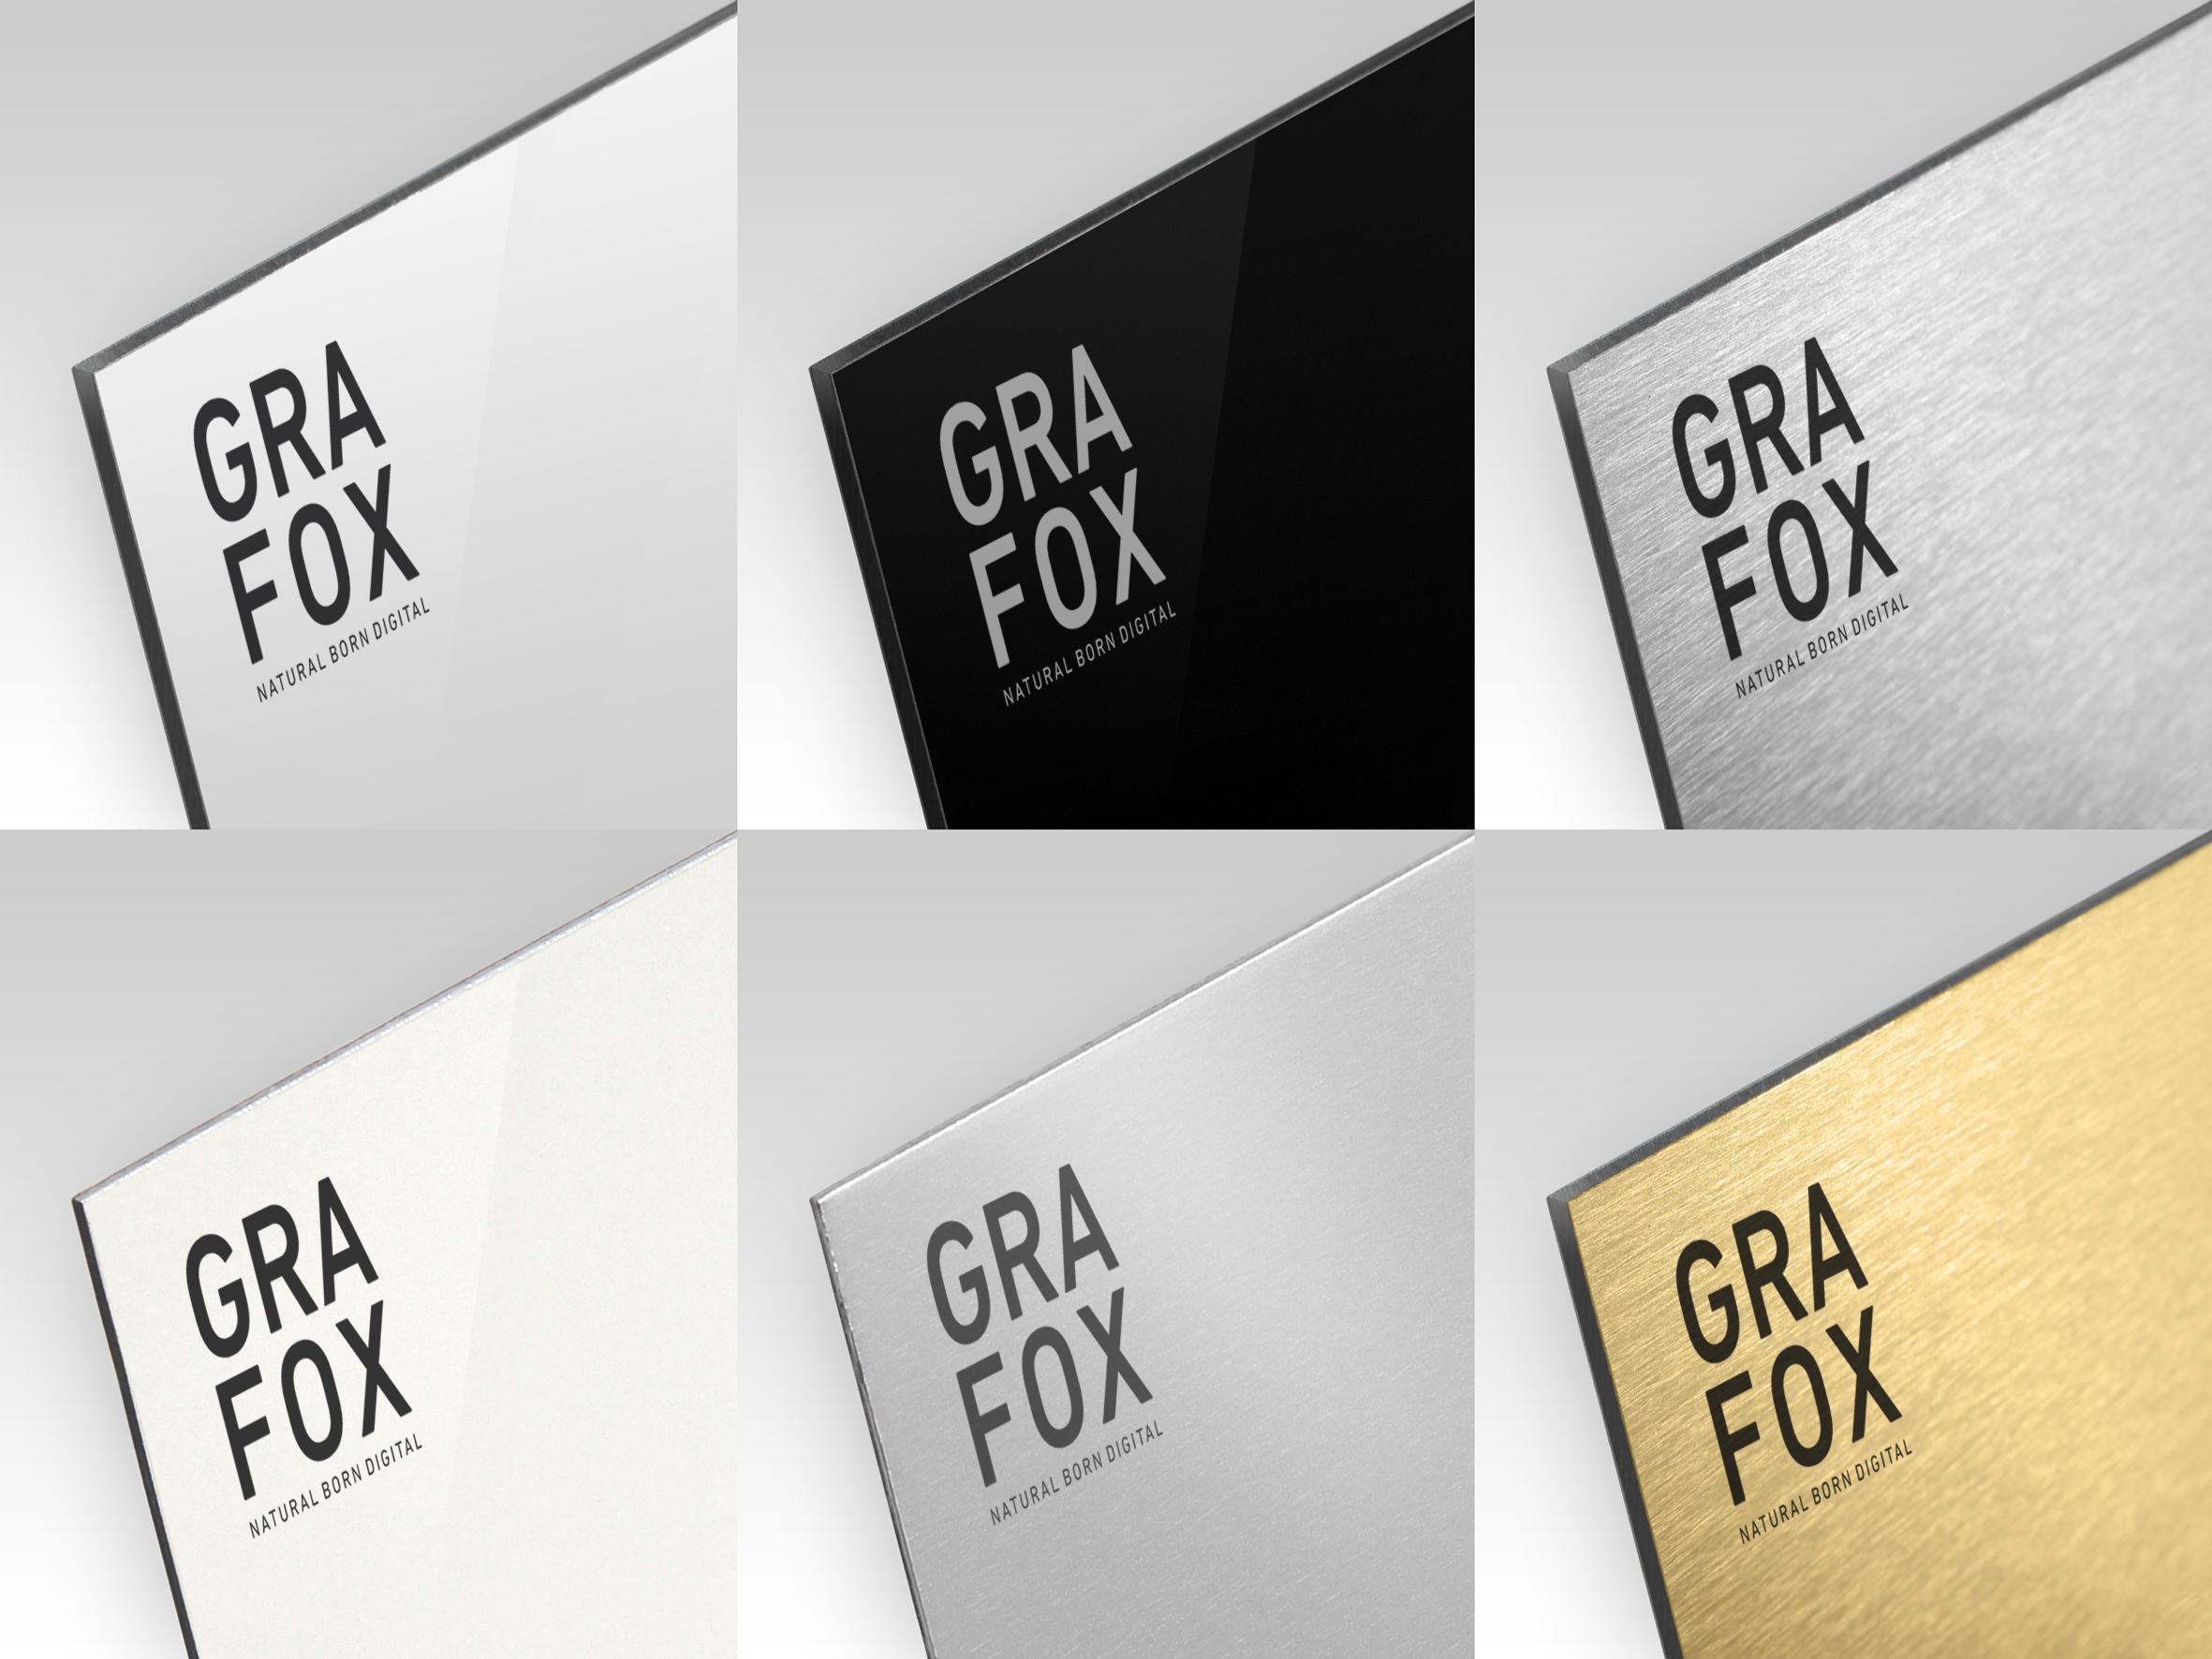 Stampa Grafox - Supporti rigidi e flessibili - Pannelli